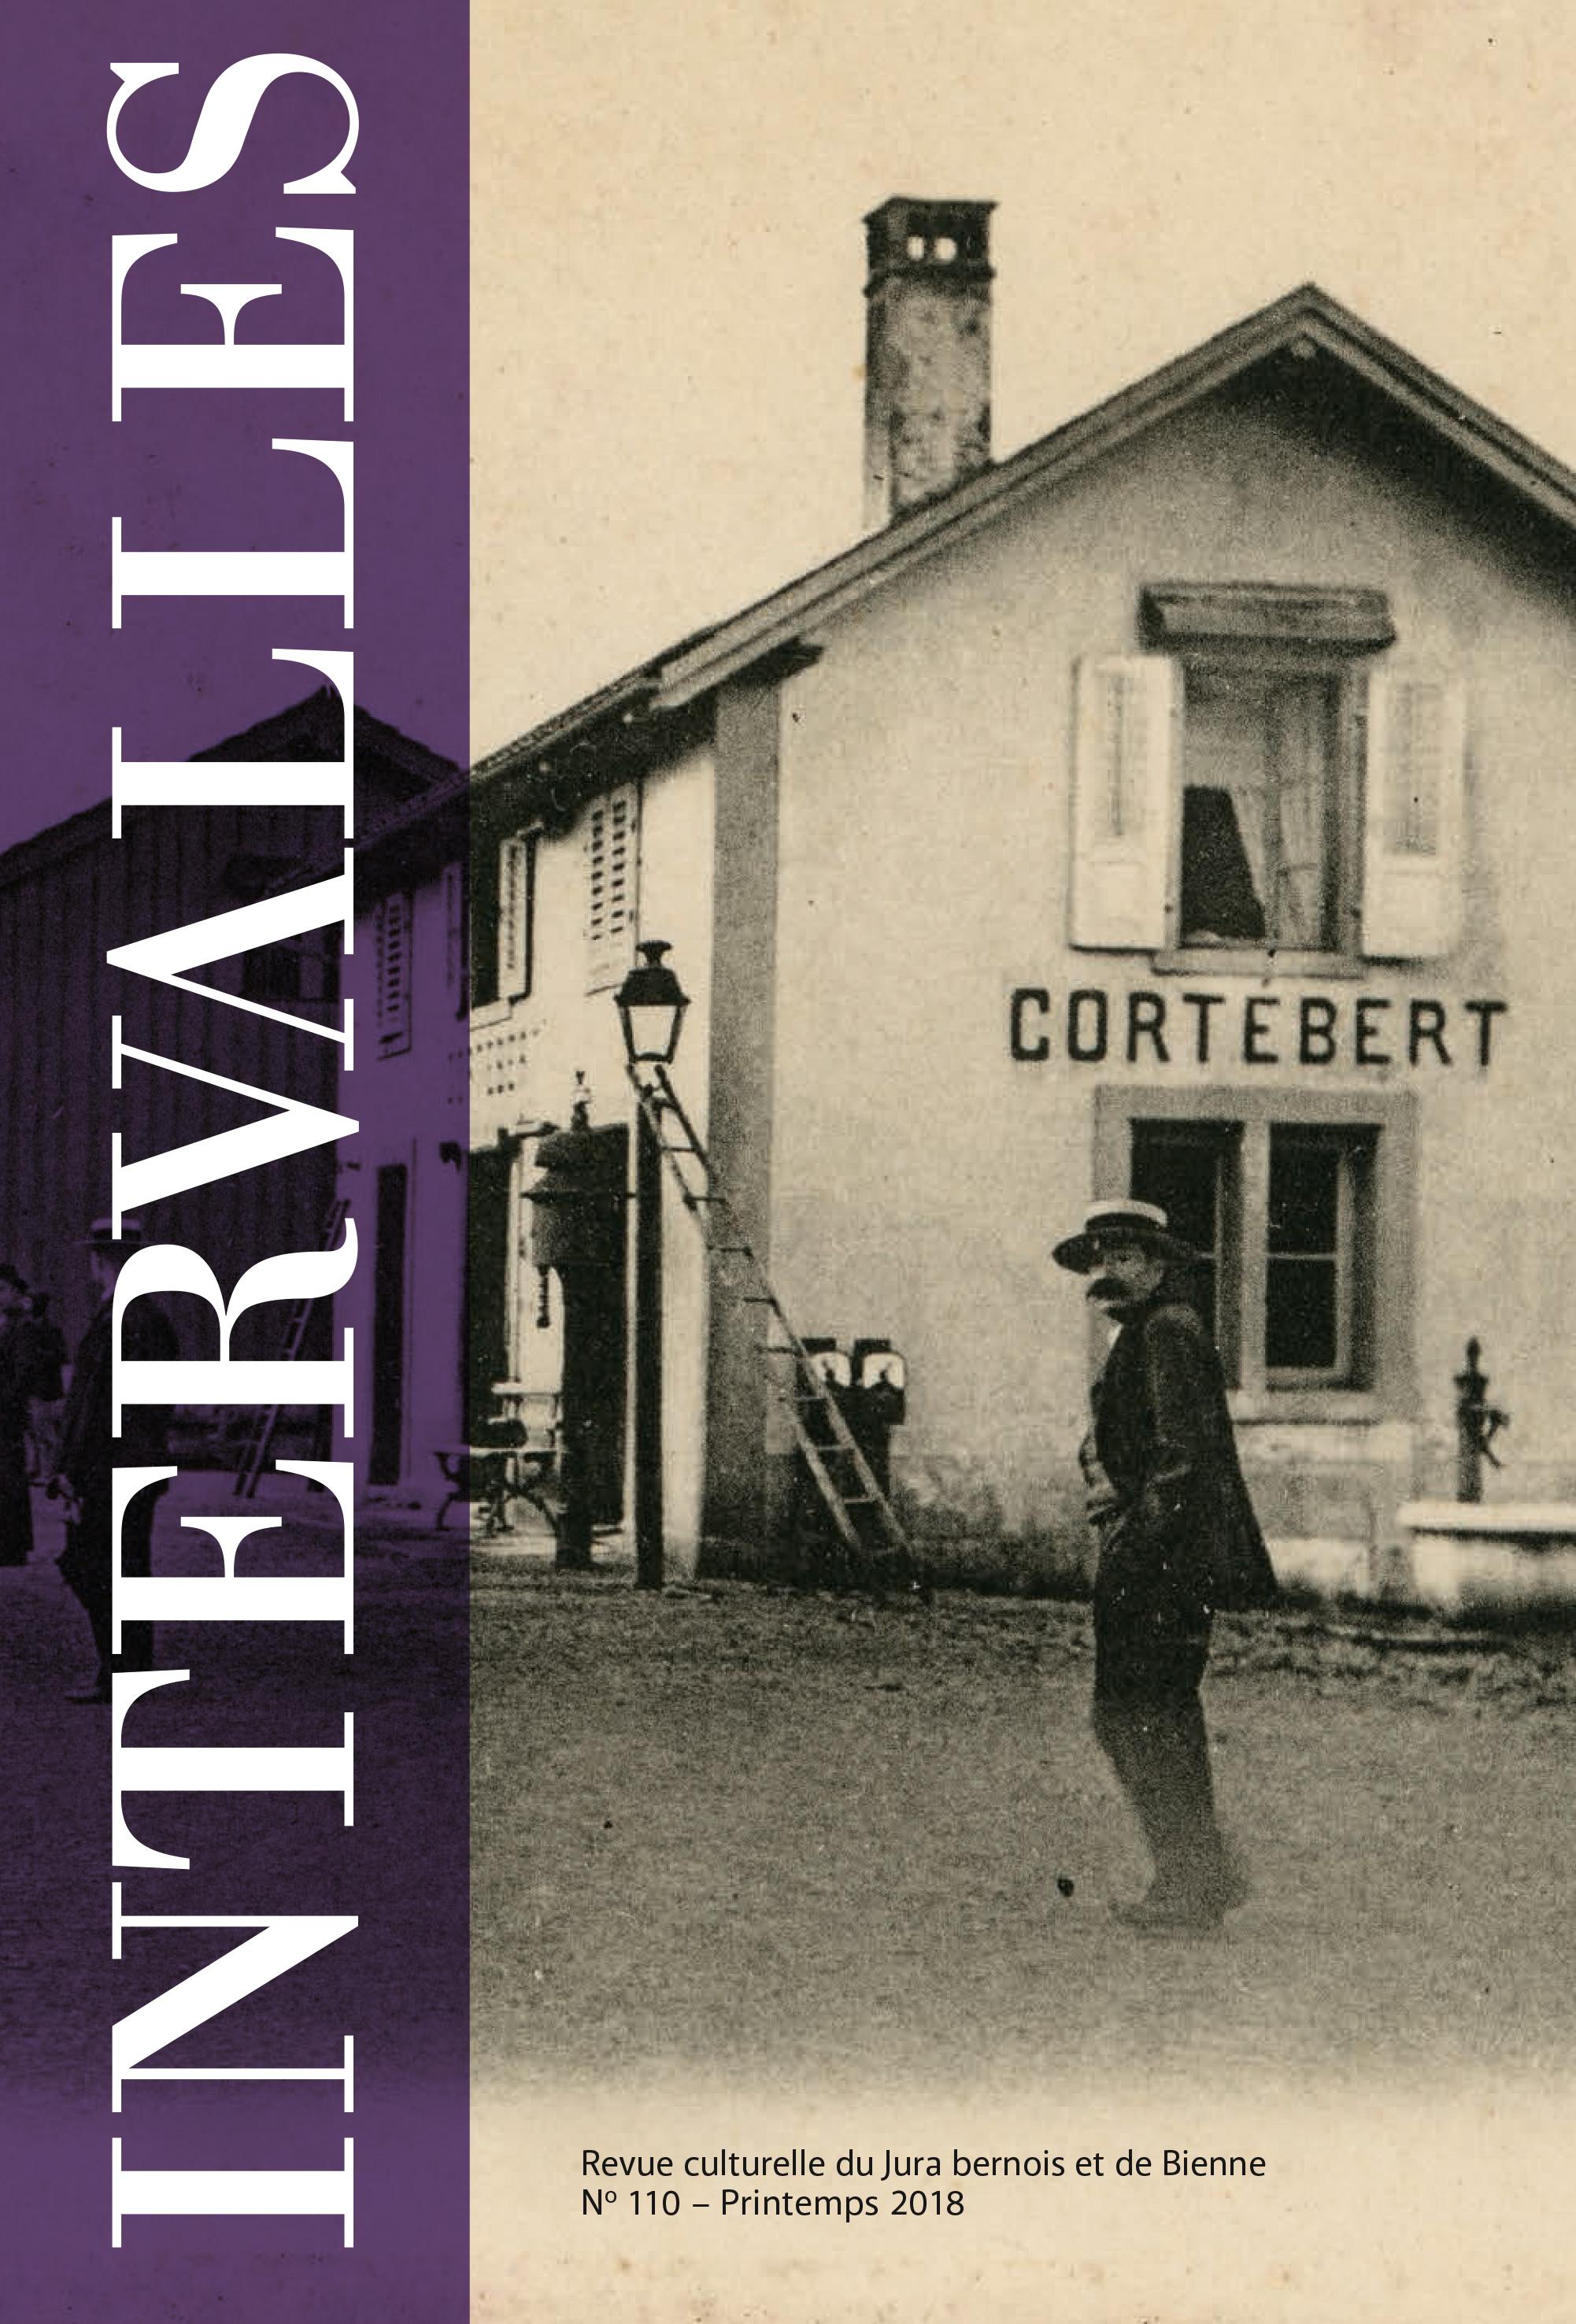 No 110 – Cortébert